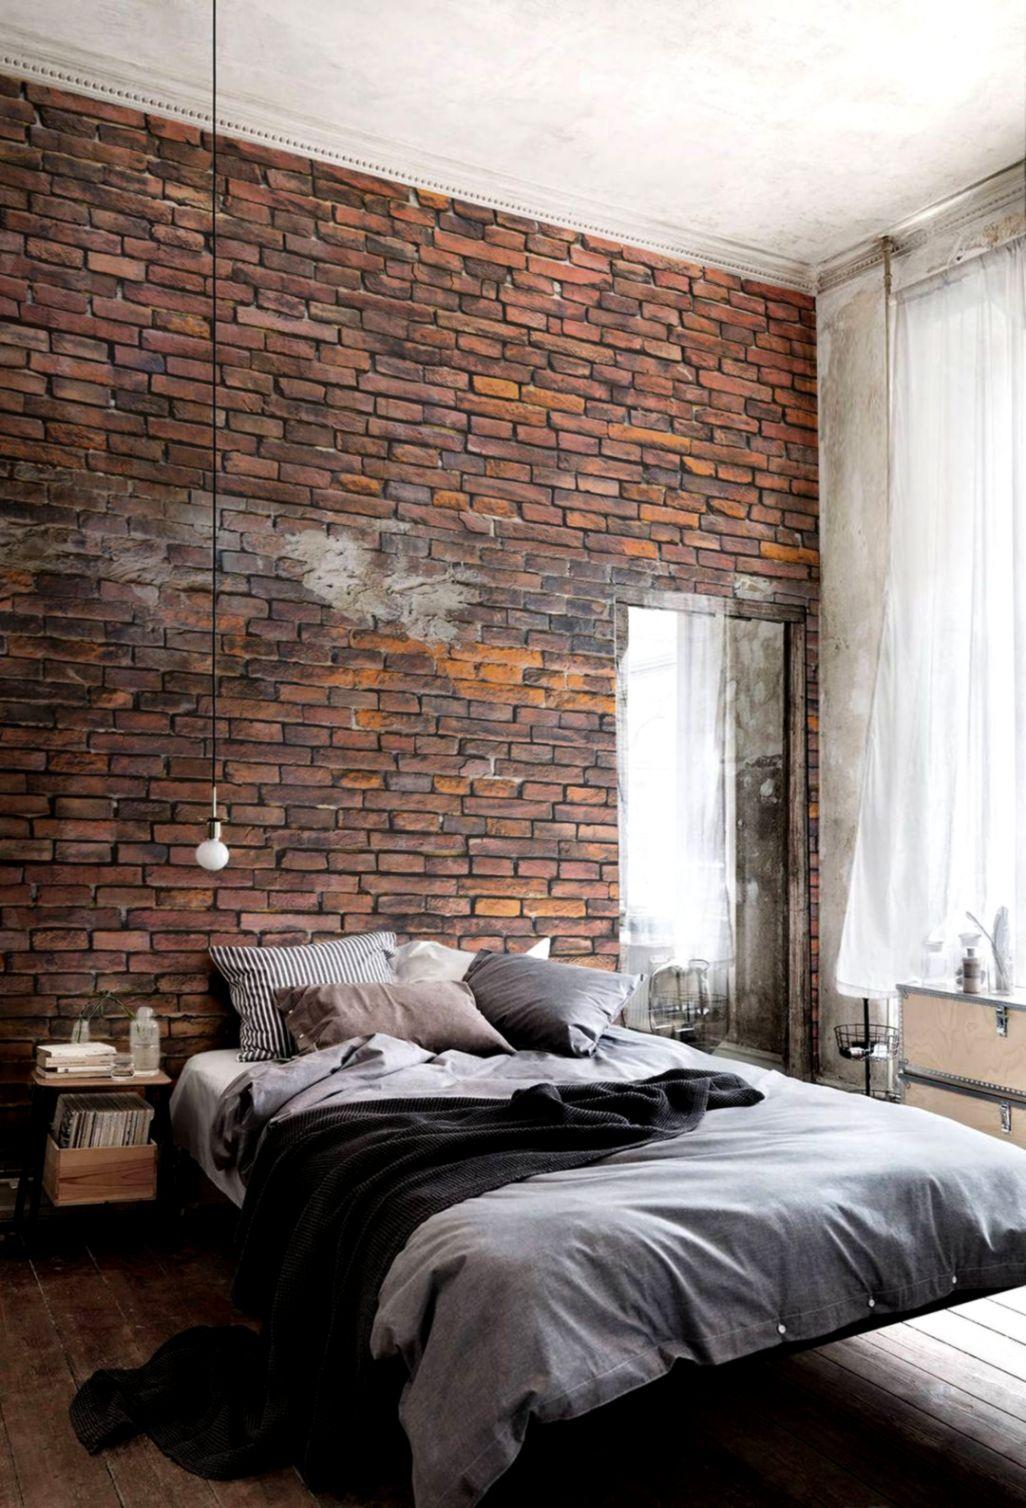 interior design red bedroom wallpaper viva wallpapers rh bvivawallpapers blogspot com